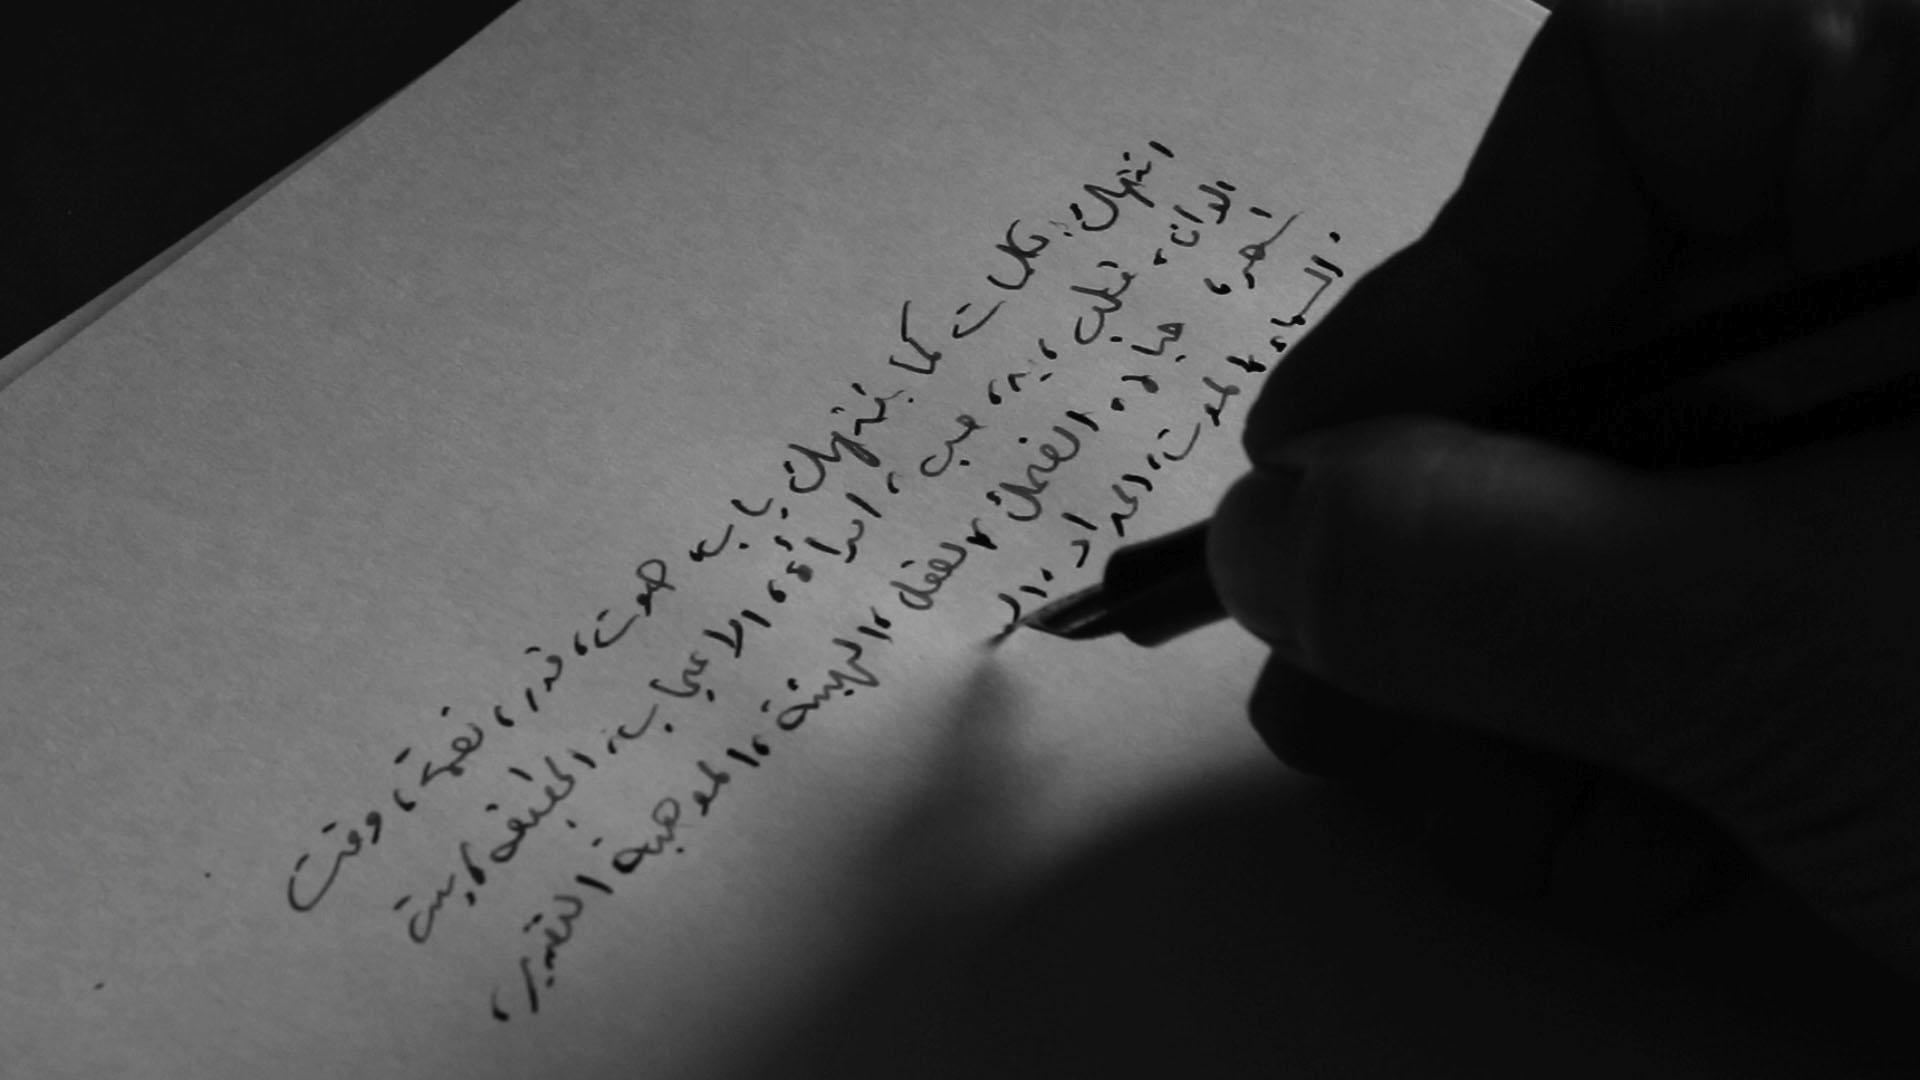 Ghassan Salhab, La montagne '2', 2011